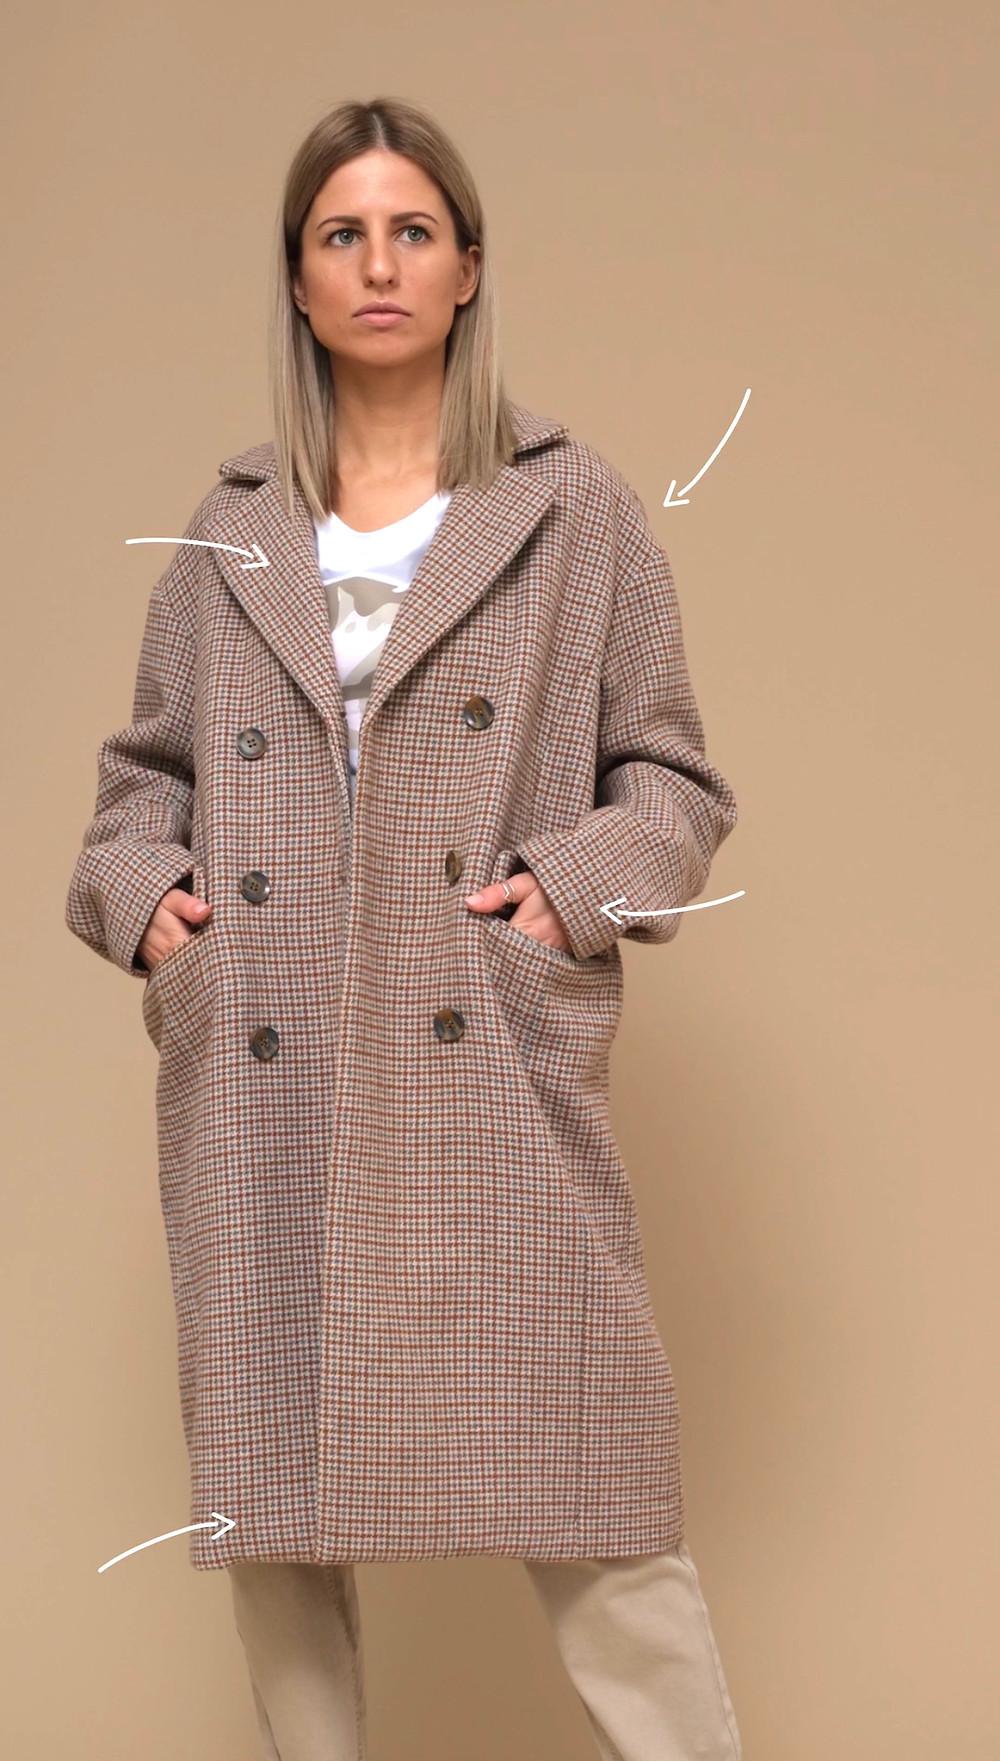 Мягкая линия плеча, двубортный воротник, натуральные ткани сдержанных оттенков, аккуратный рукав, который легко драпируется.